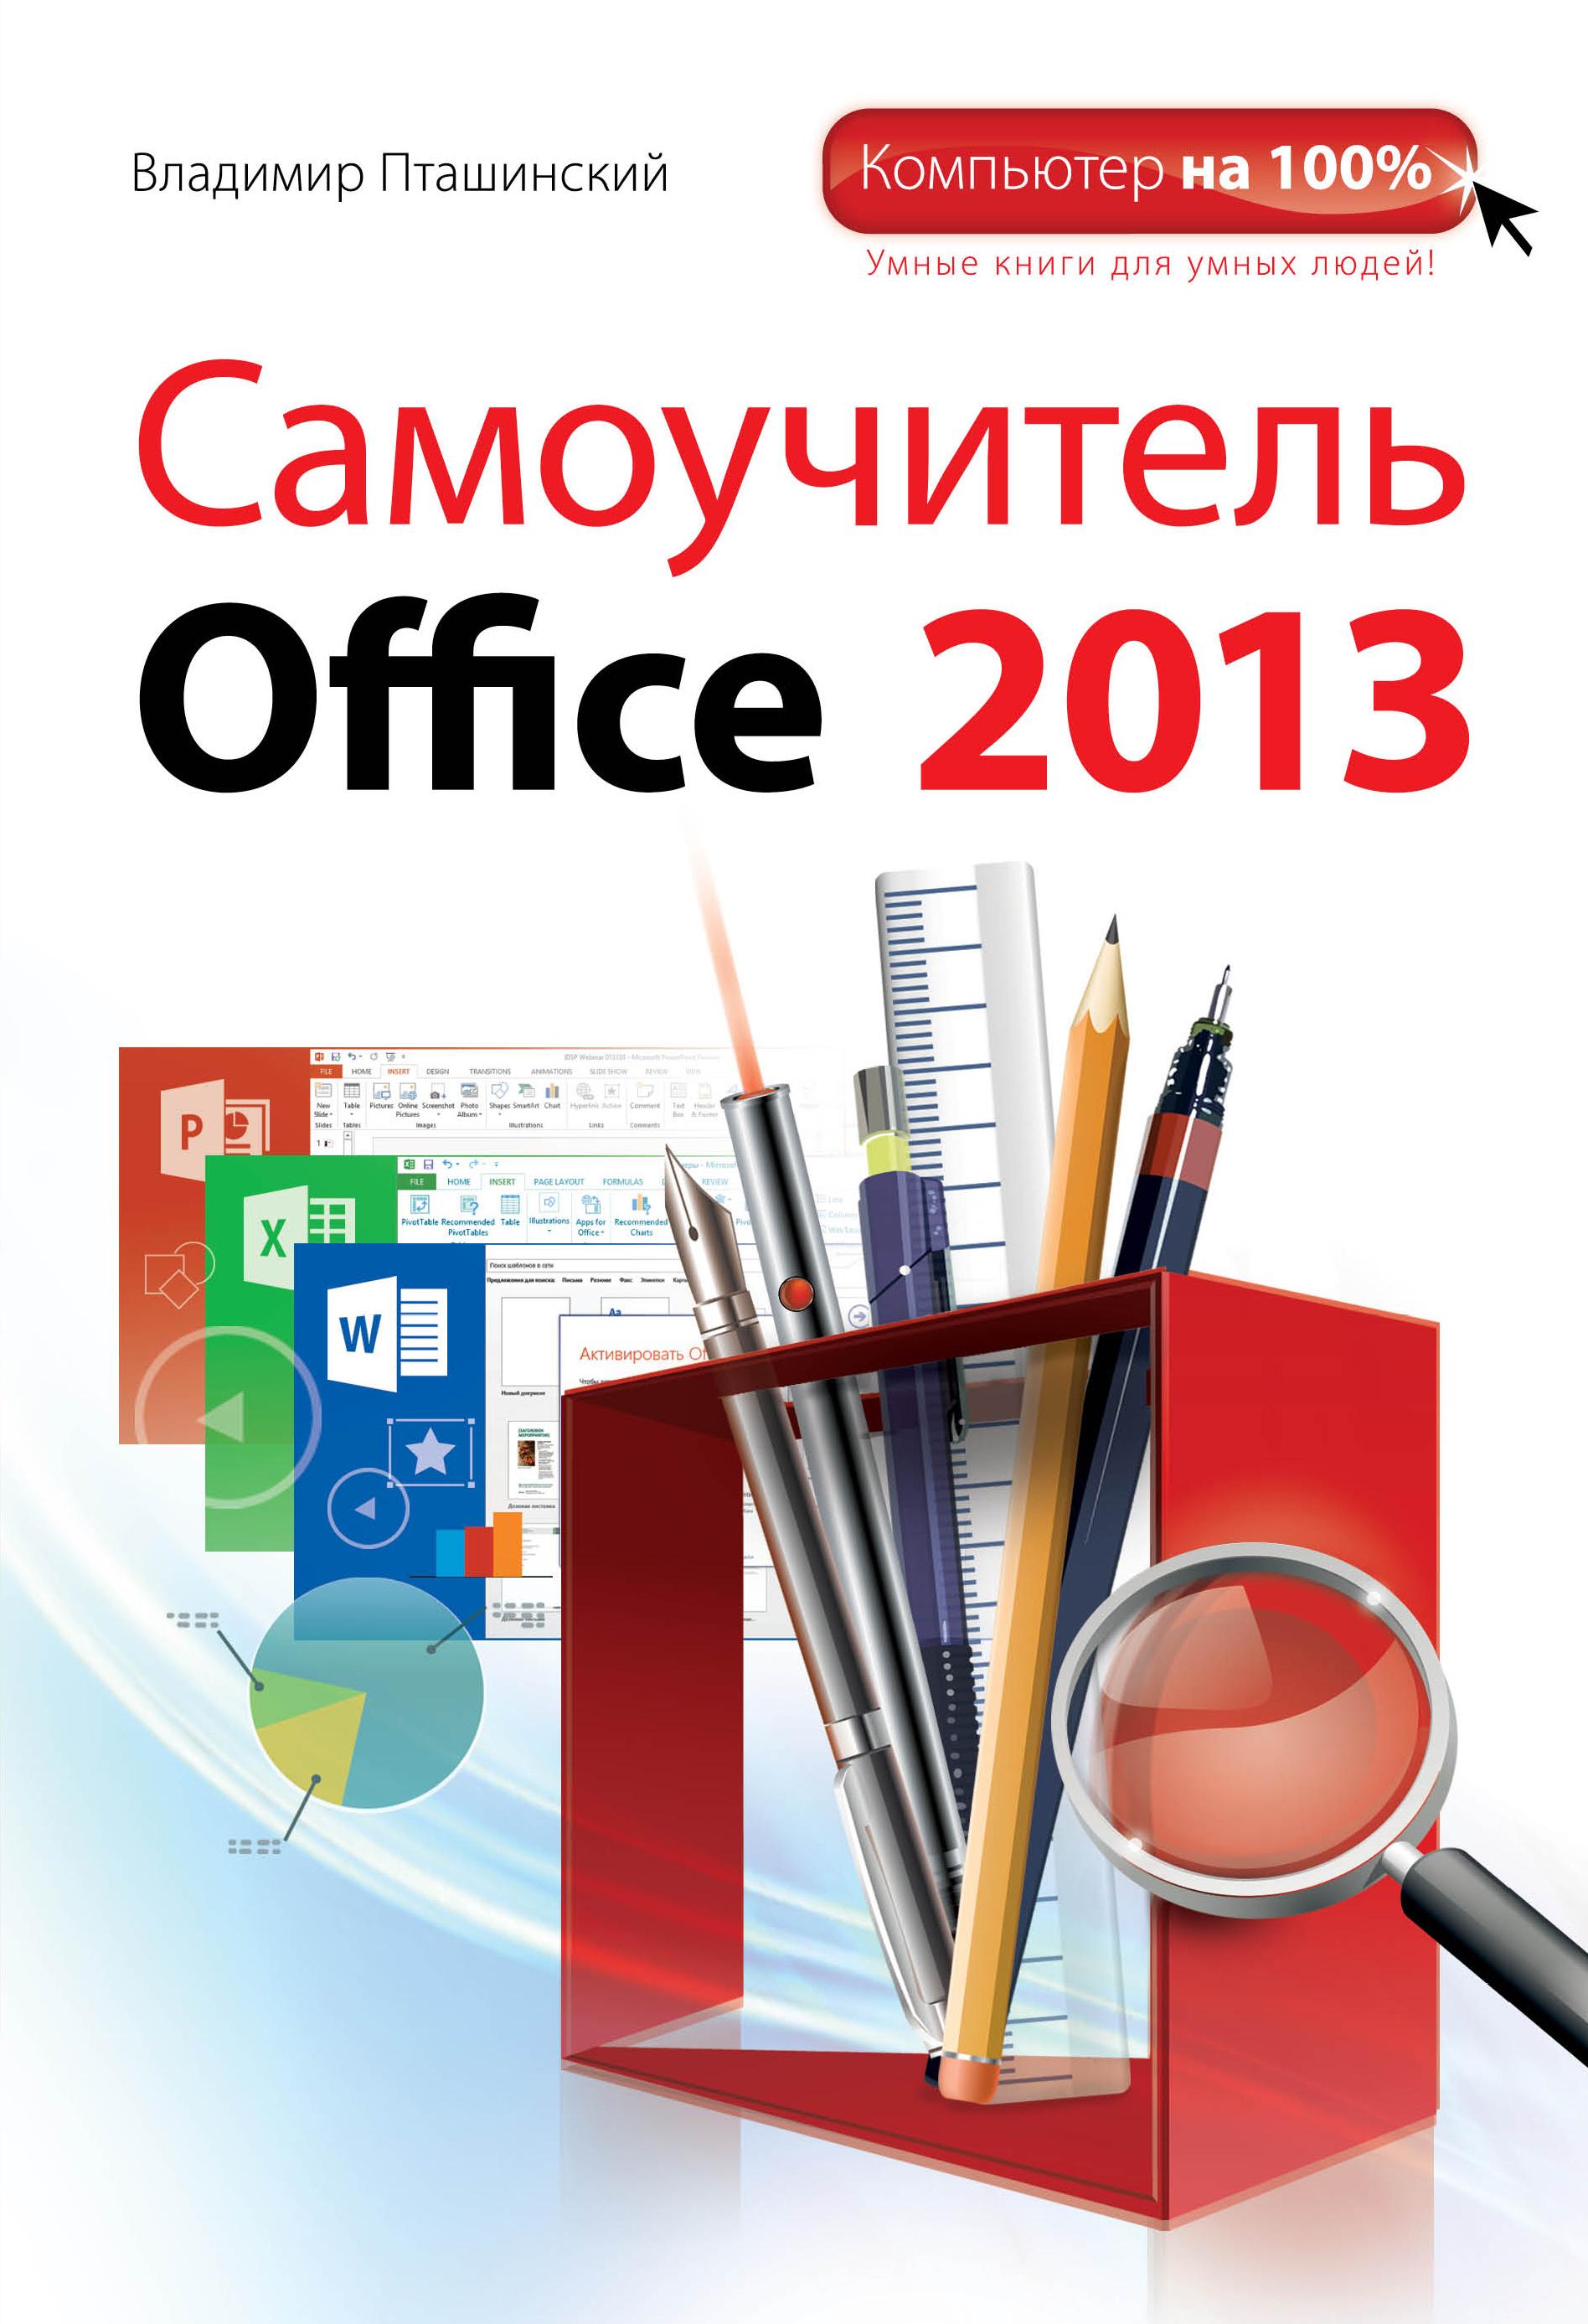 Самоучитель Office 2013 от book24.ru